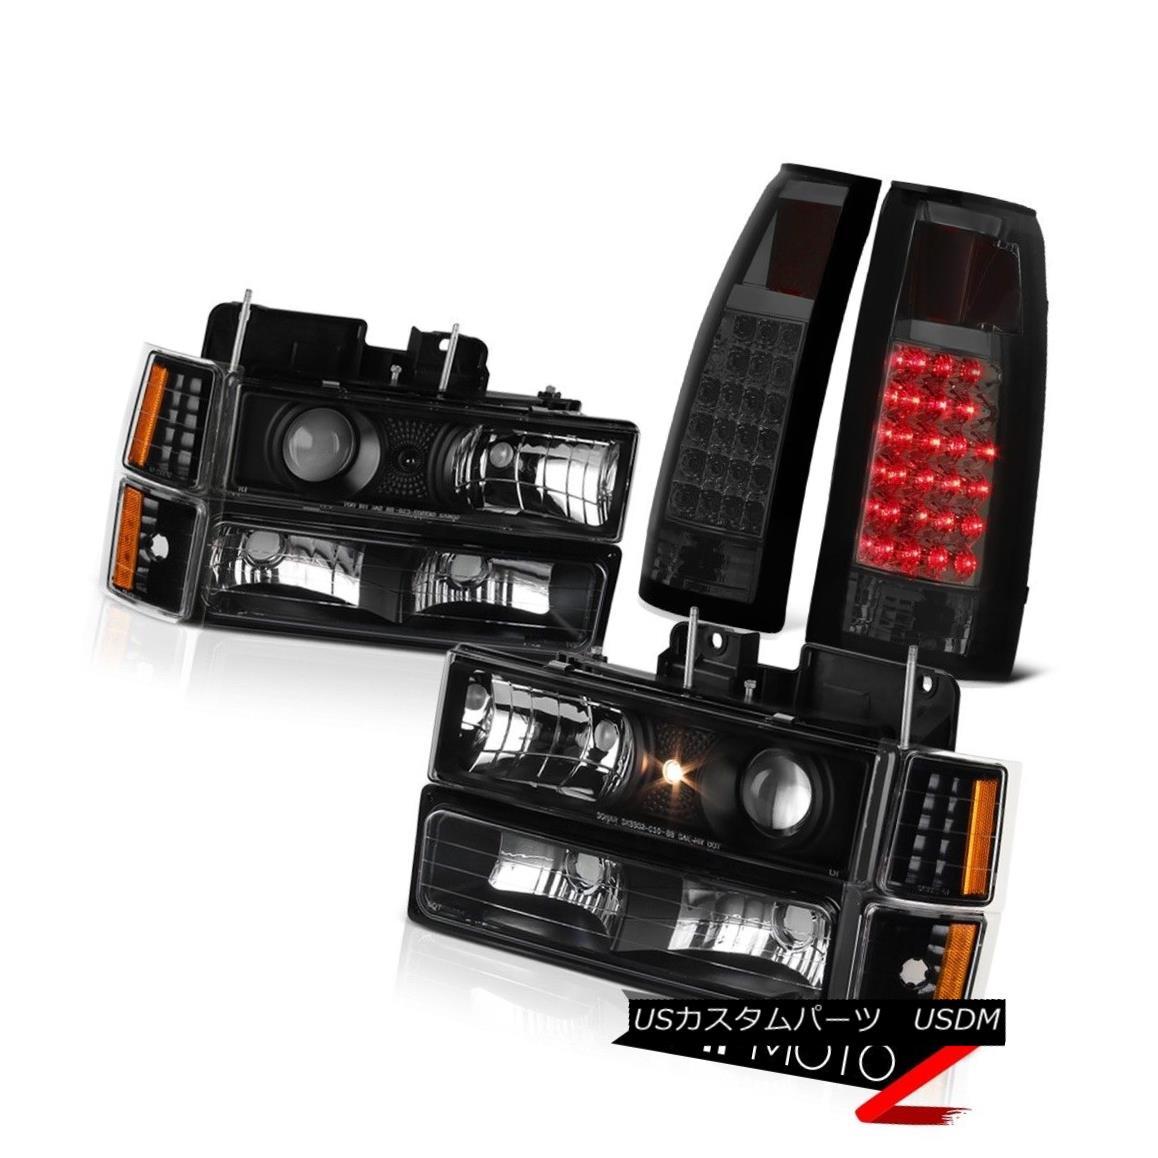 ヘッドライト 1994 1995 1996 1997 1998 Chevy CK 1500 2500 3500 Headlight Smoke LED Tail Lamp 1994 1995 1995 1996 1997 1998 Chevy CK 1500 2500 3500ヘッドライトスモークLEDテールランプ